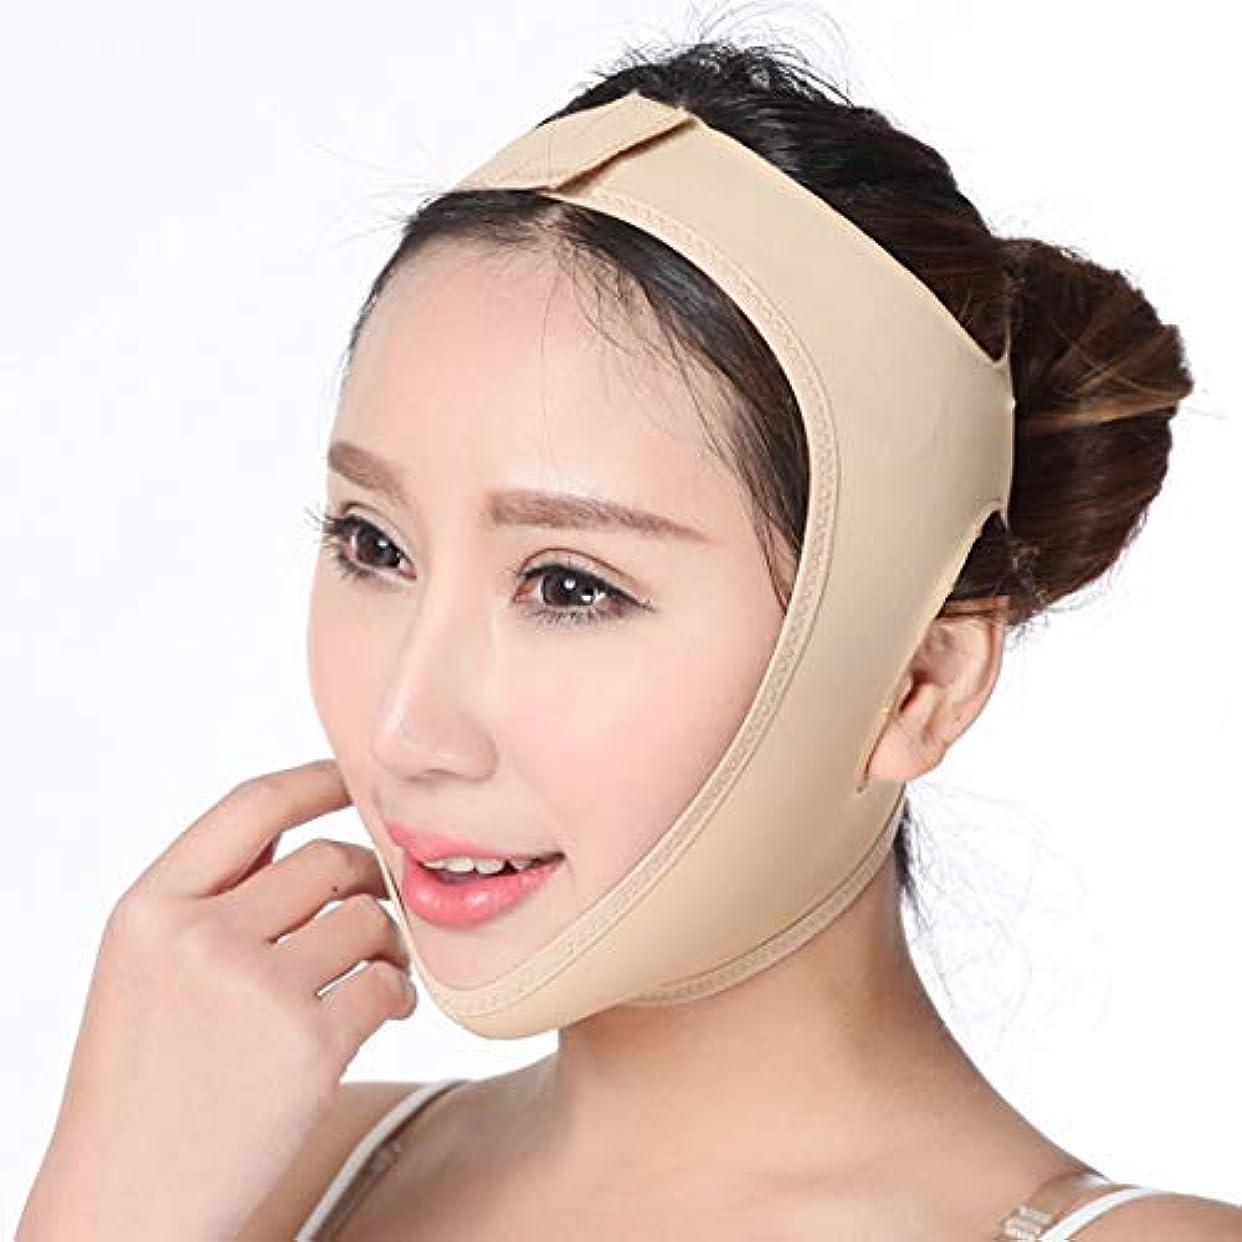 年金受給者実業家しおれたZWBD フェイスマスク, 薄い顔包帯ネット薄い二重あご包帯小V顔睡眠メロン顔持ち上がるタイト整形マスク